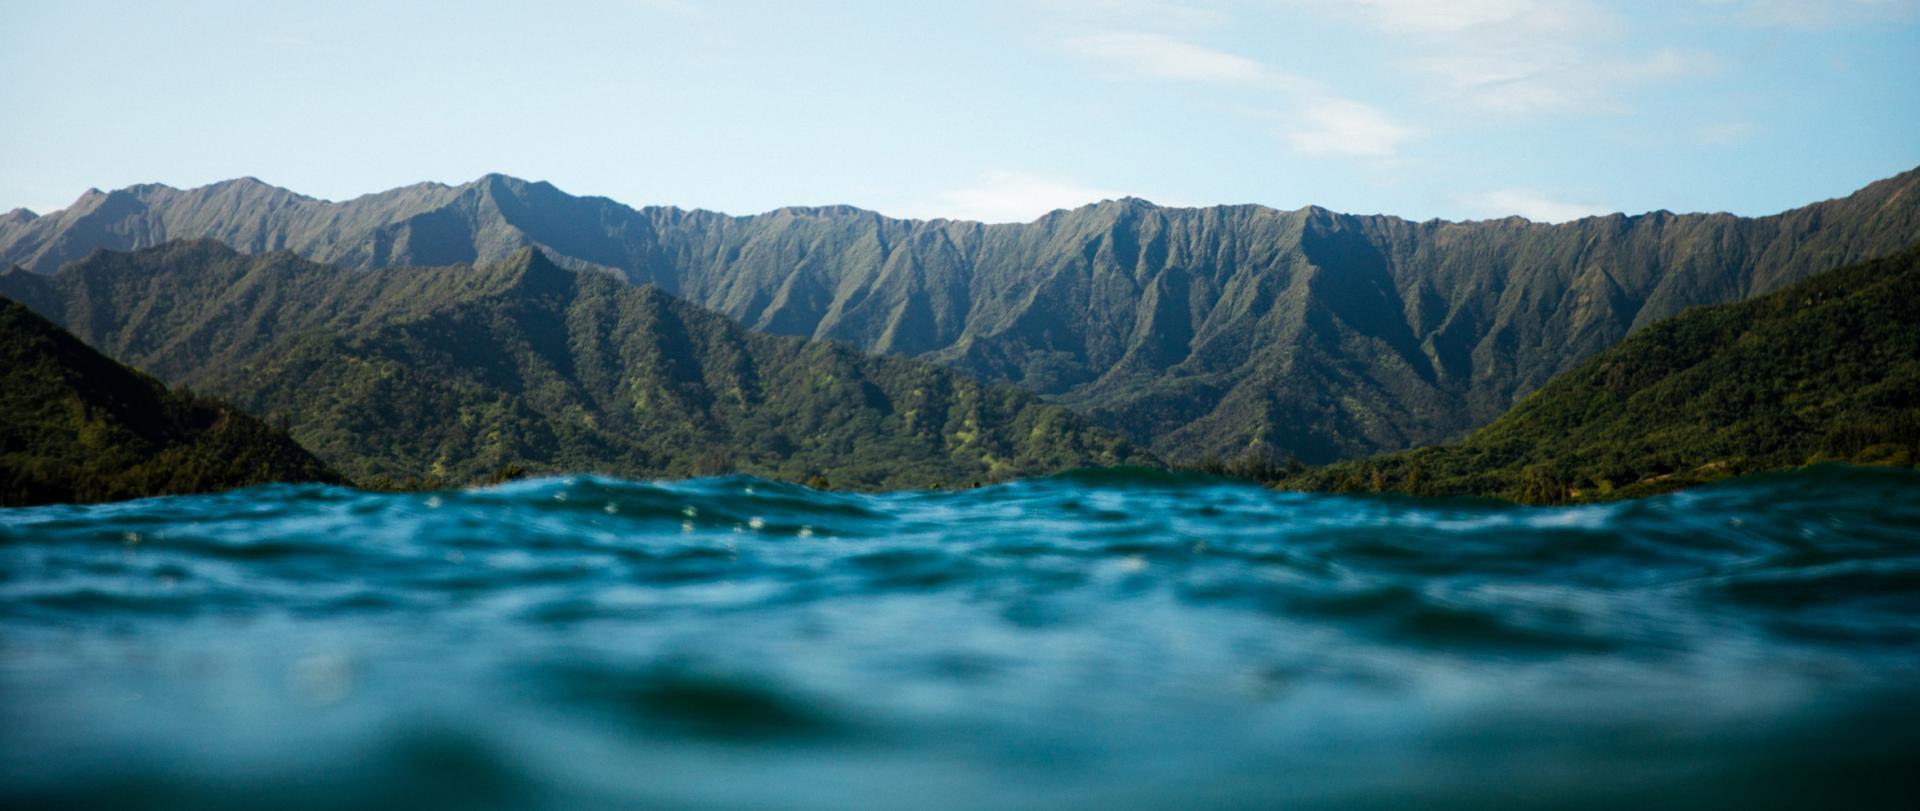 ハワイ州観光局 ハワイの旅行情報 Go Hawaii